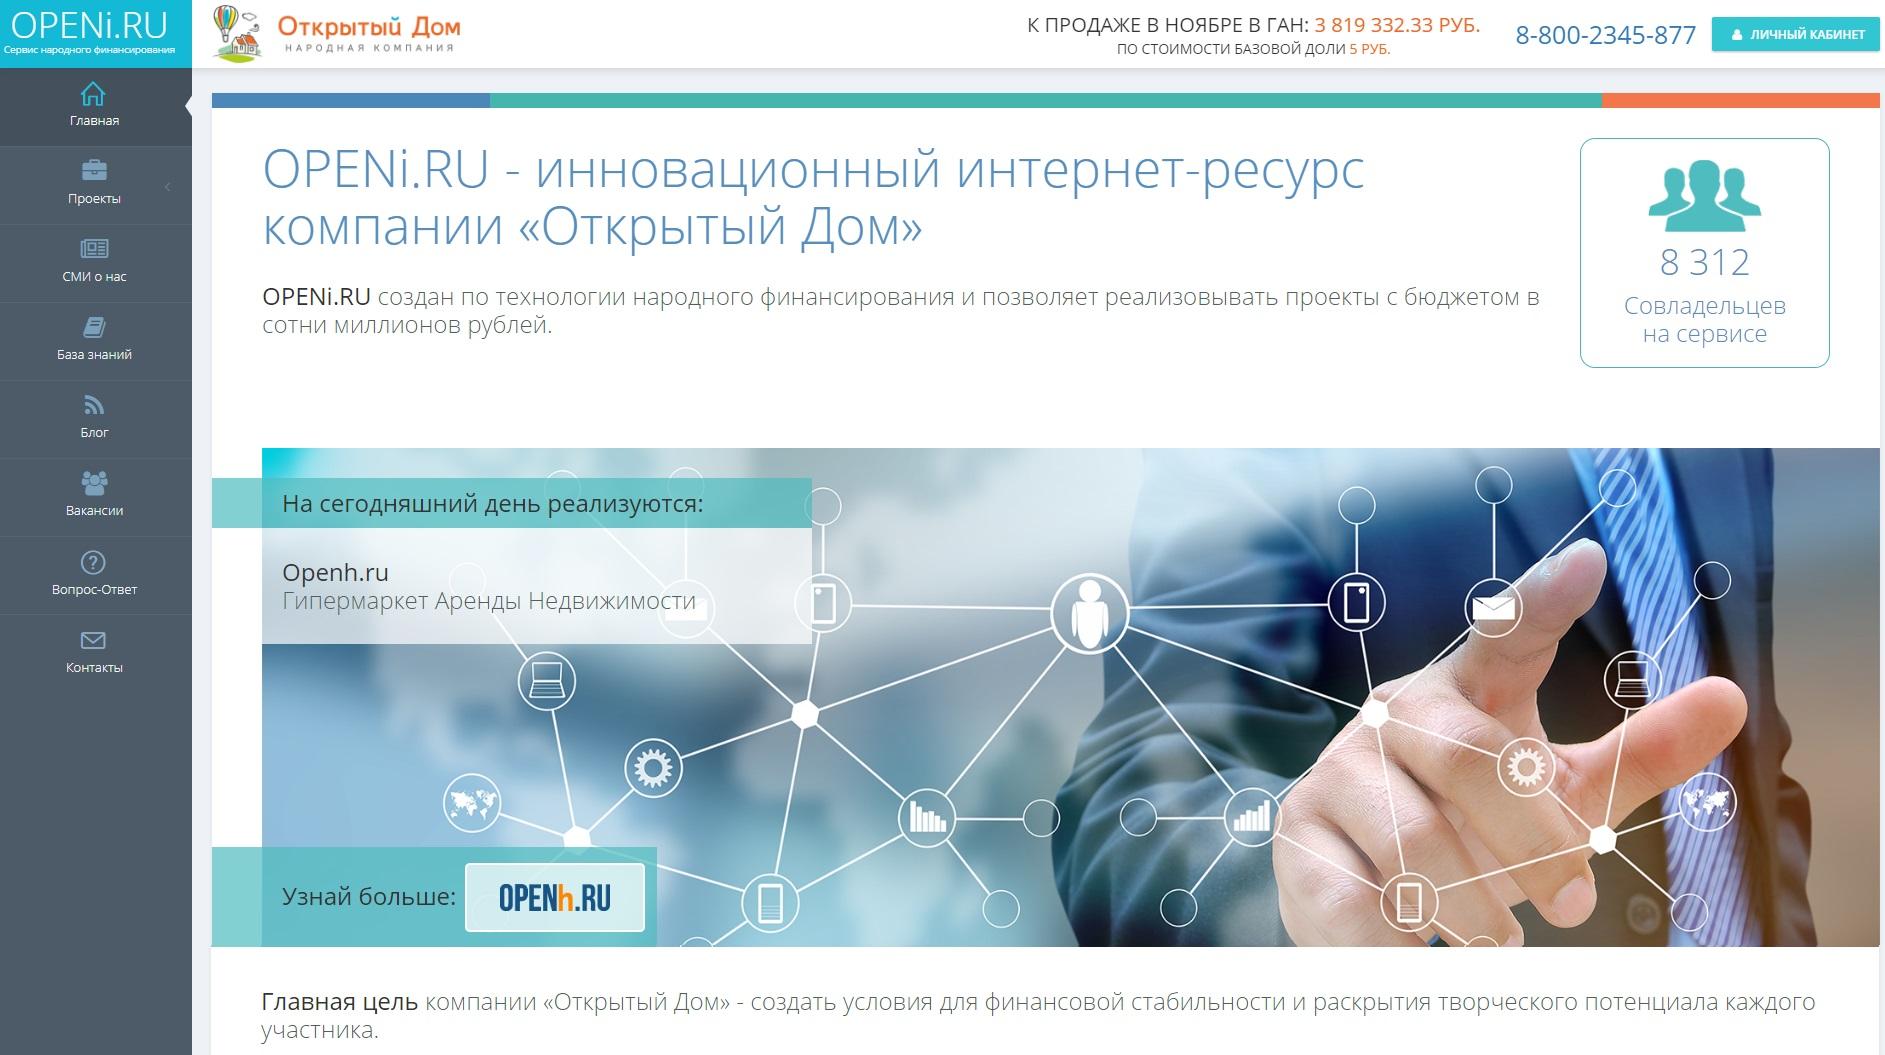 Сайт openi.ru